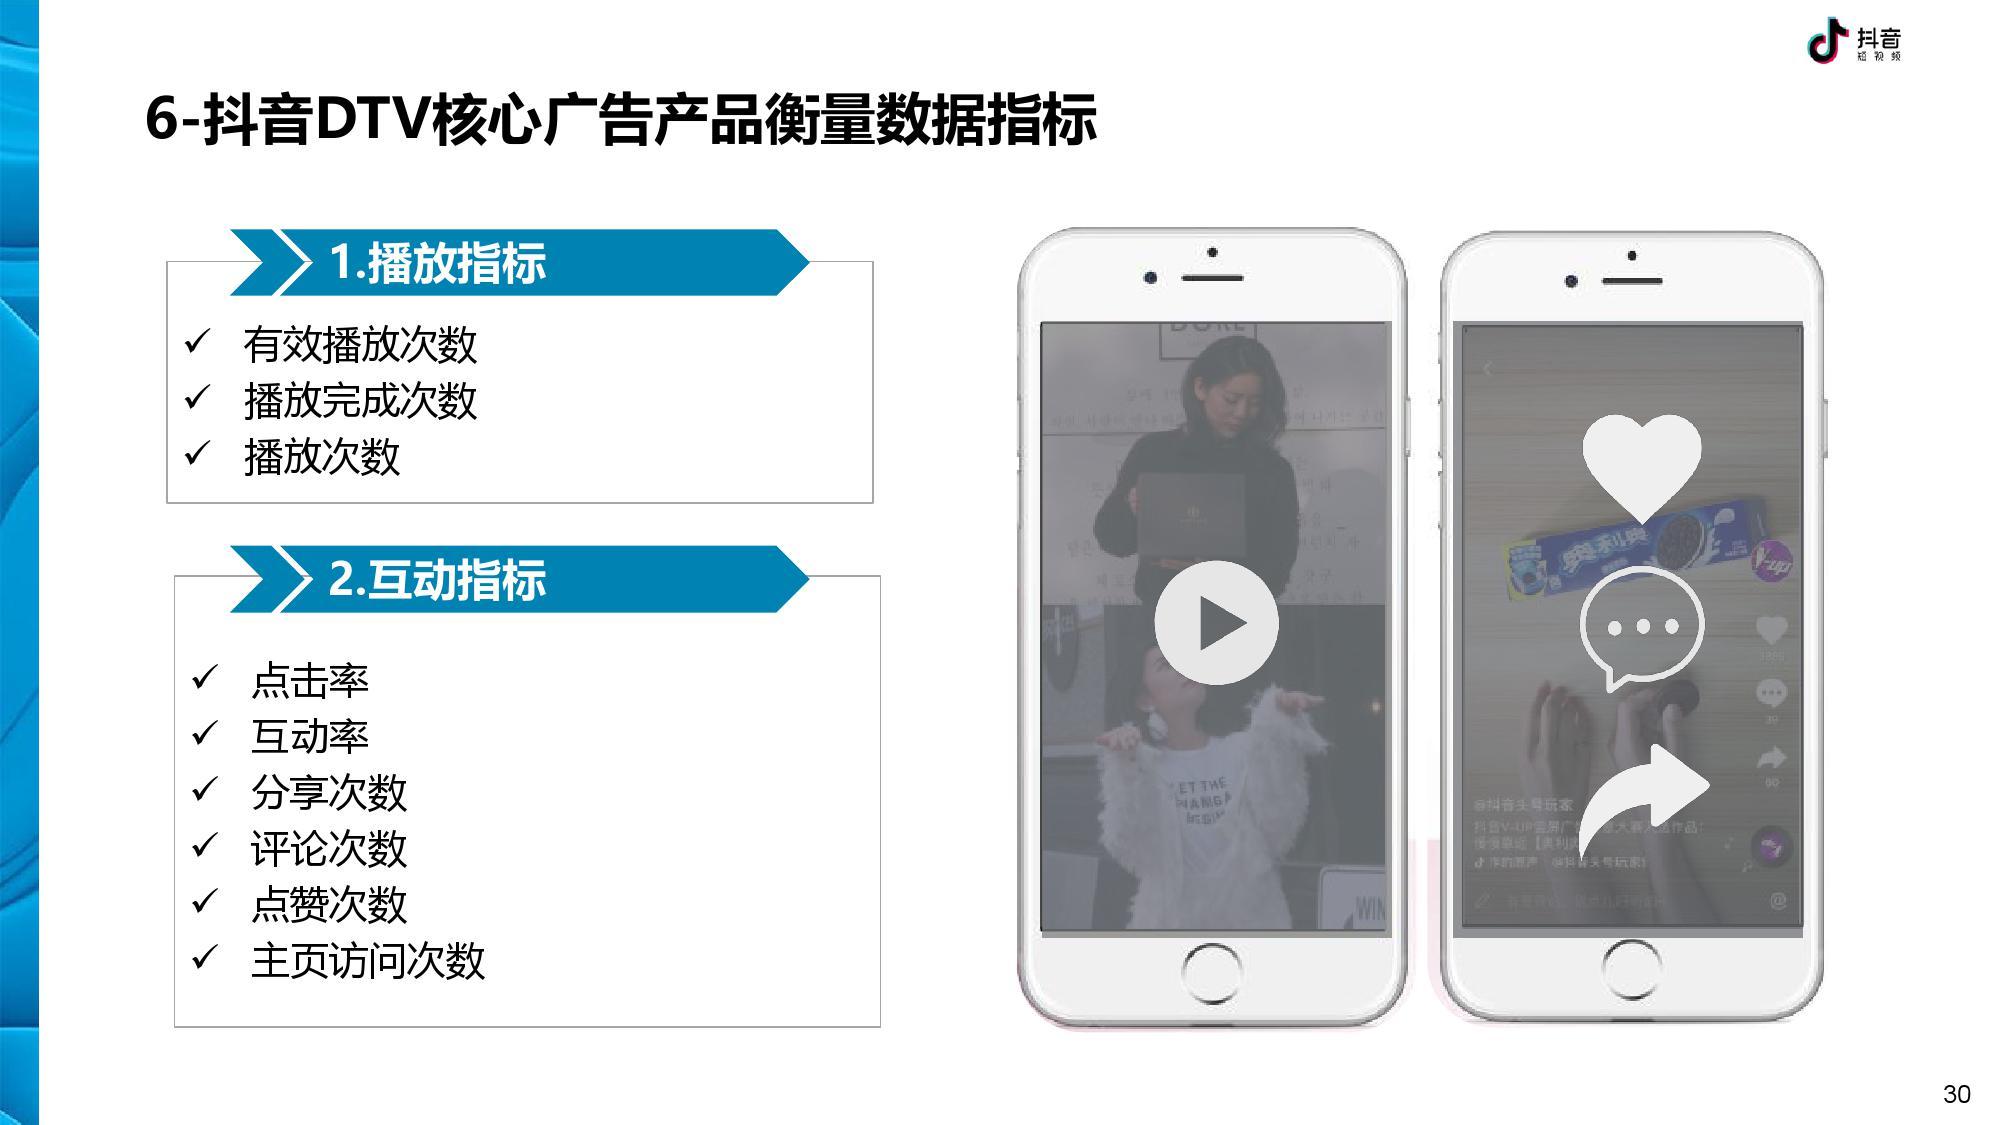 抖音 DTV 广告营销价值白皮书-CNMOAD 中文移动营销资讯 30